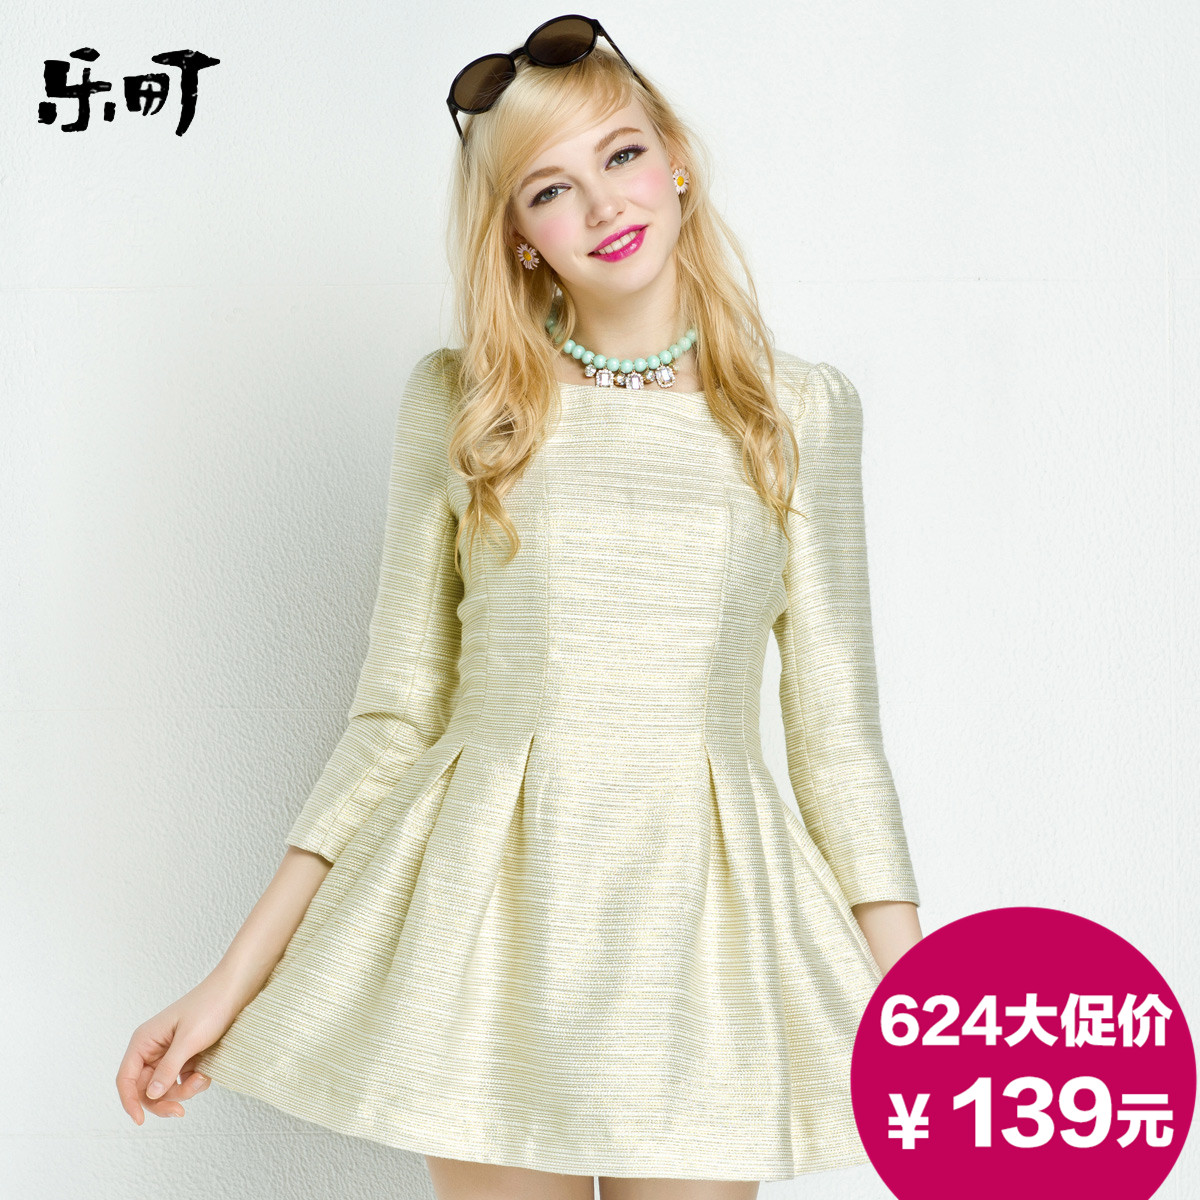 Женское платье Yurakucho c1fa41420 2015 ювелирное изделие 41420